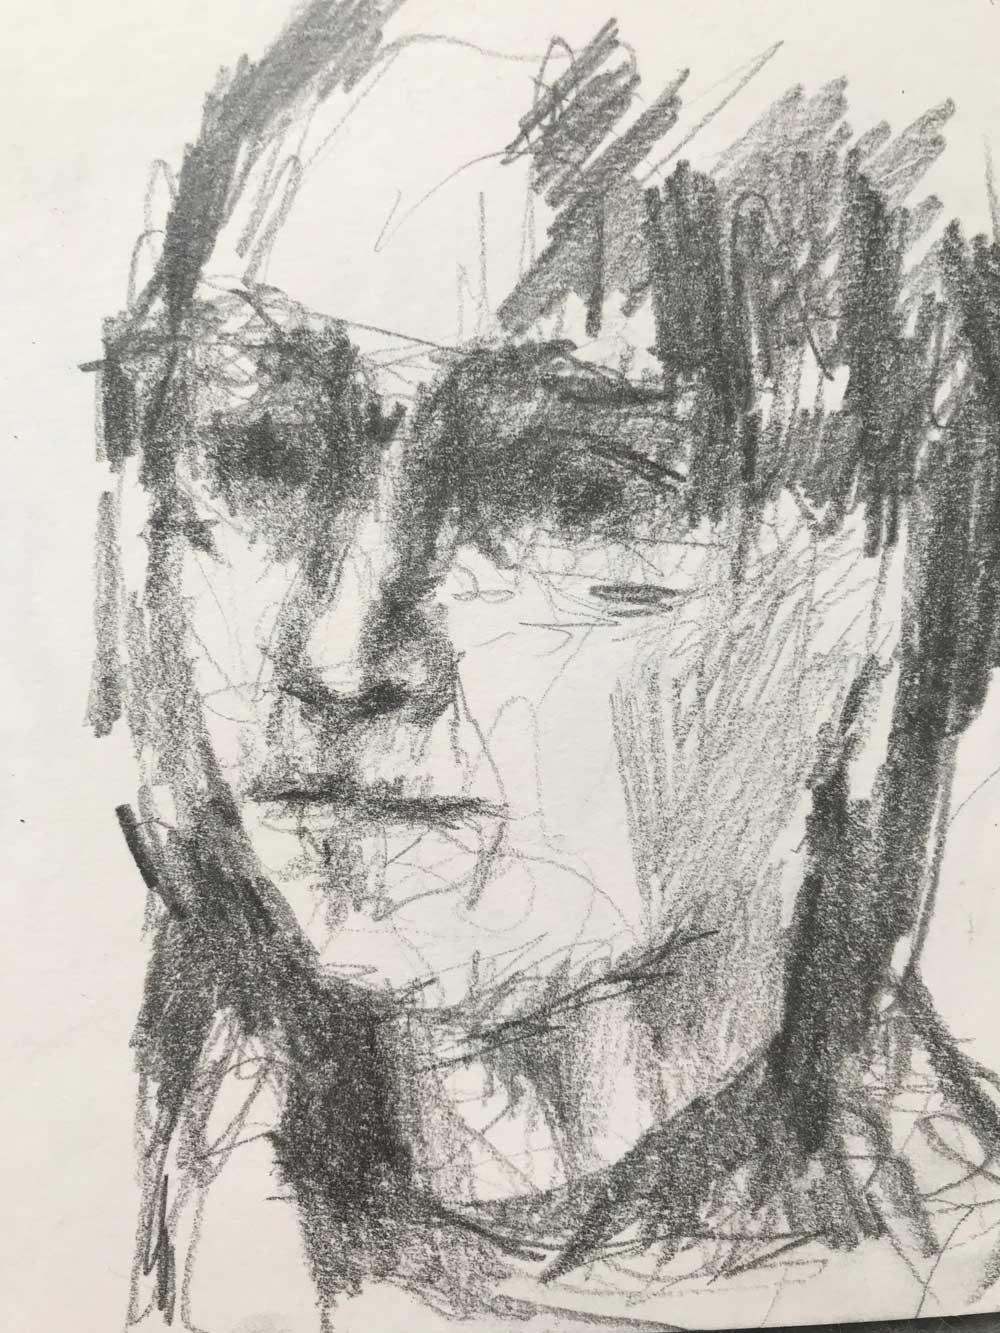 selfie-sketch